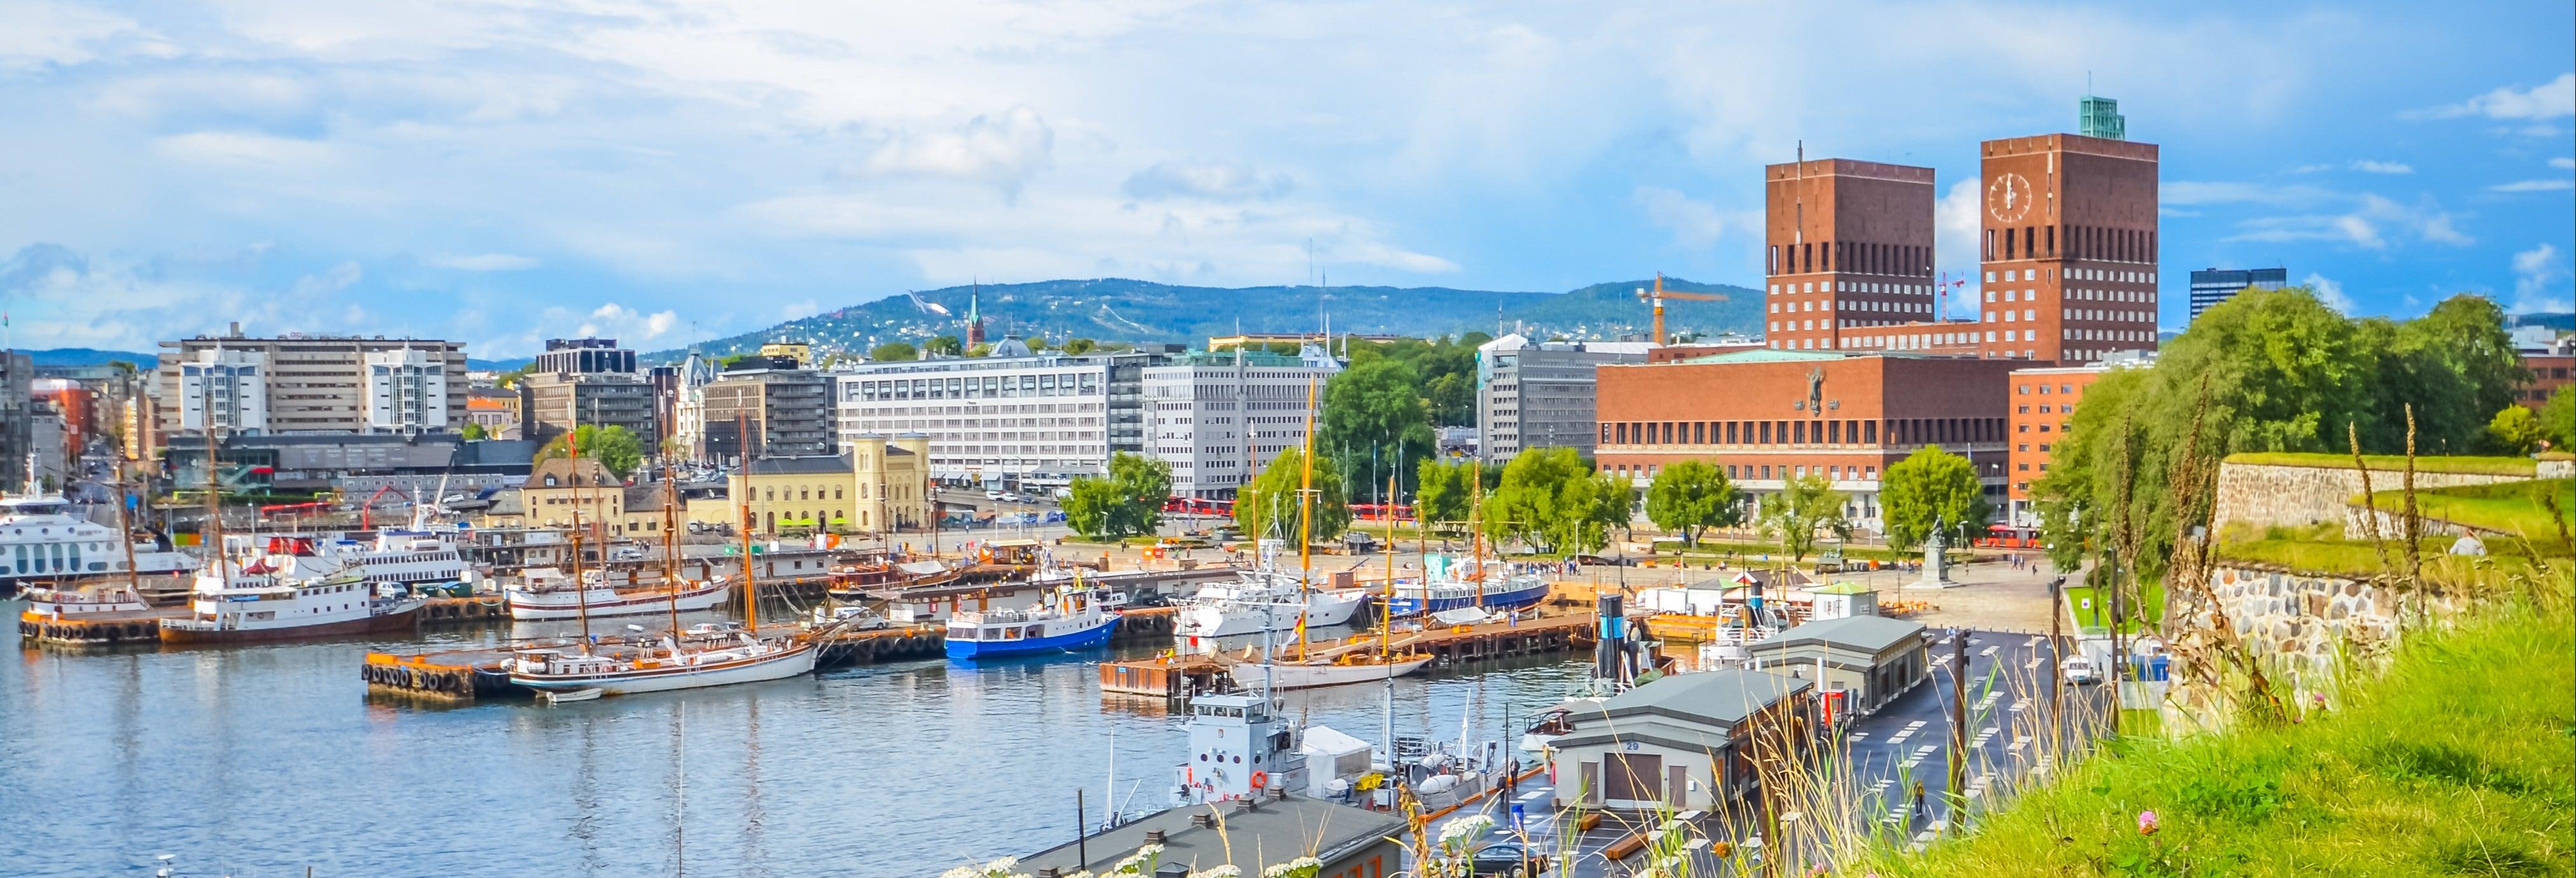 Crucero de verano por el fiordo de Oslo